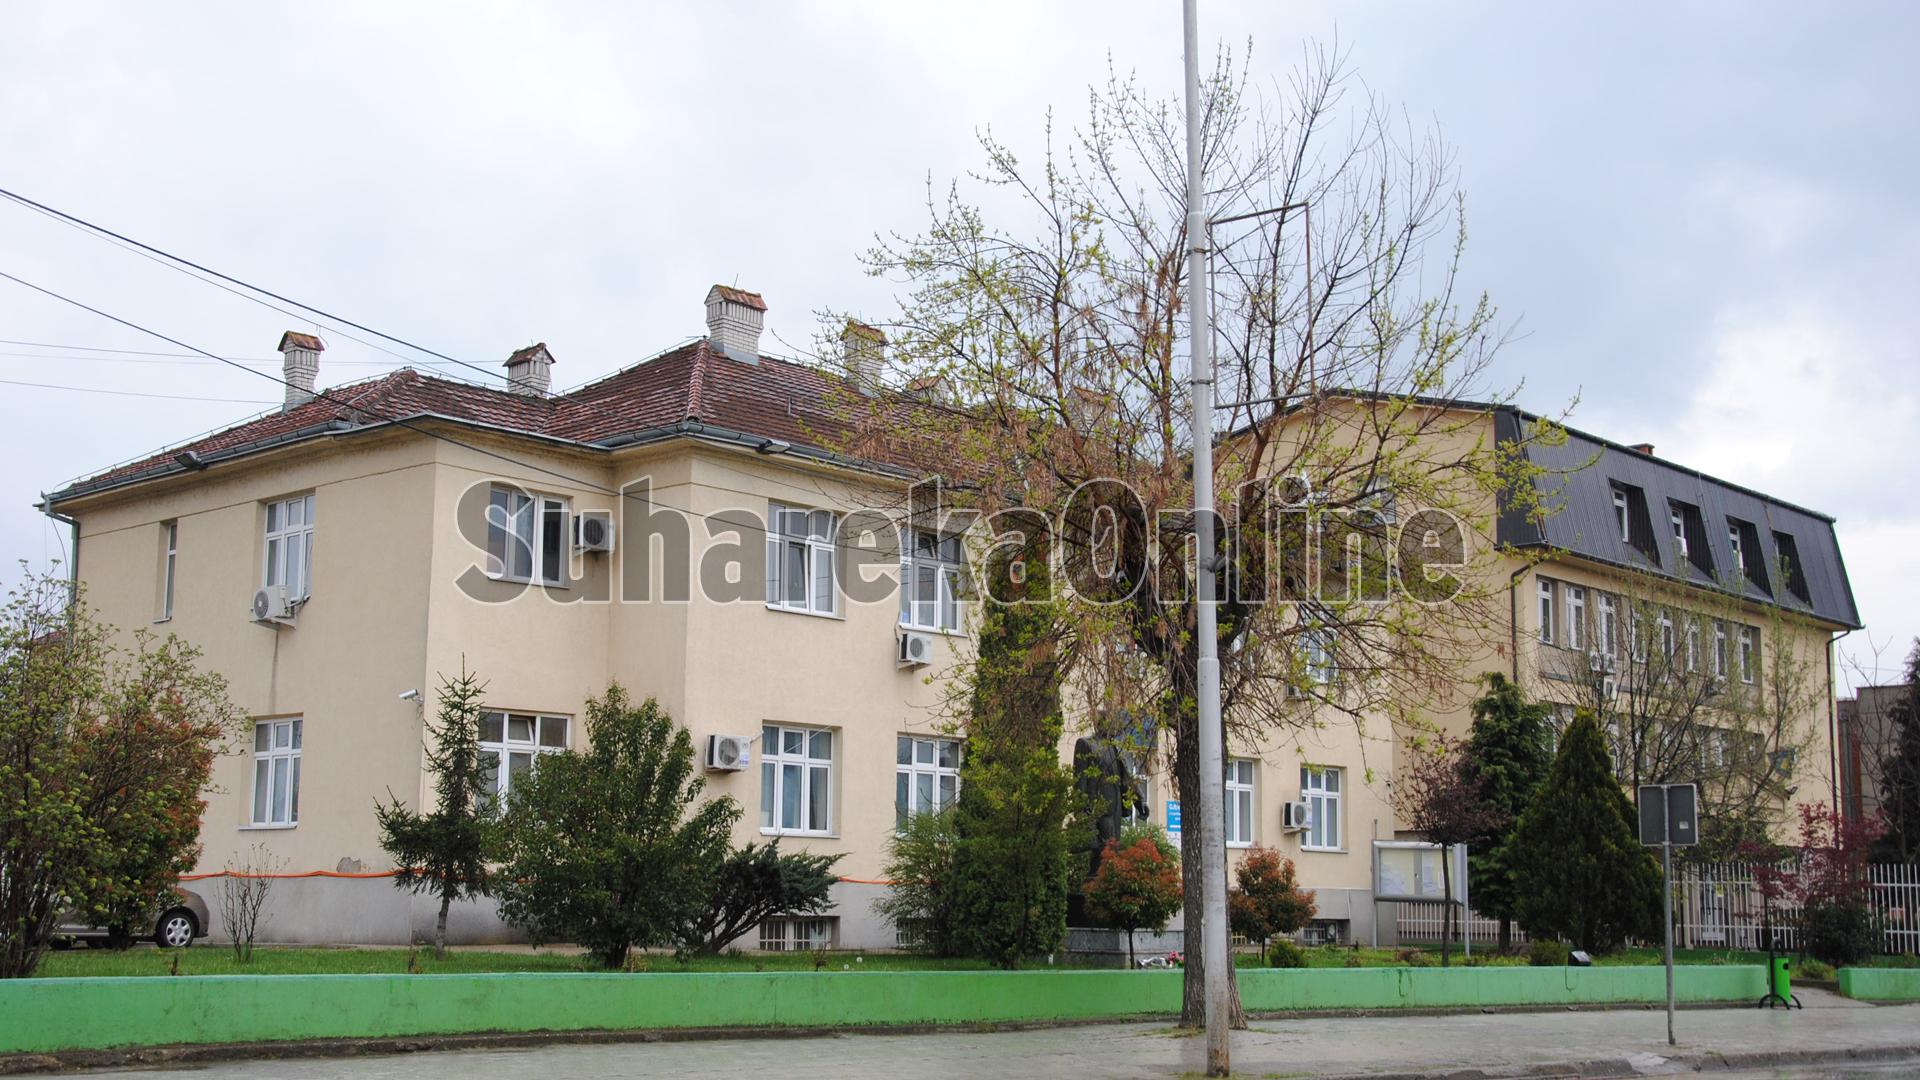 Komuna e Suharekës nuk ka arrit të kryej verifikimin e së paku 20% të pronave të paluajtshme